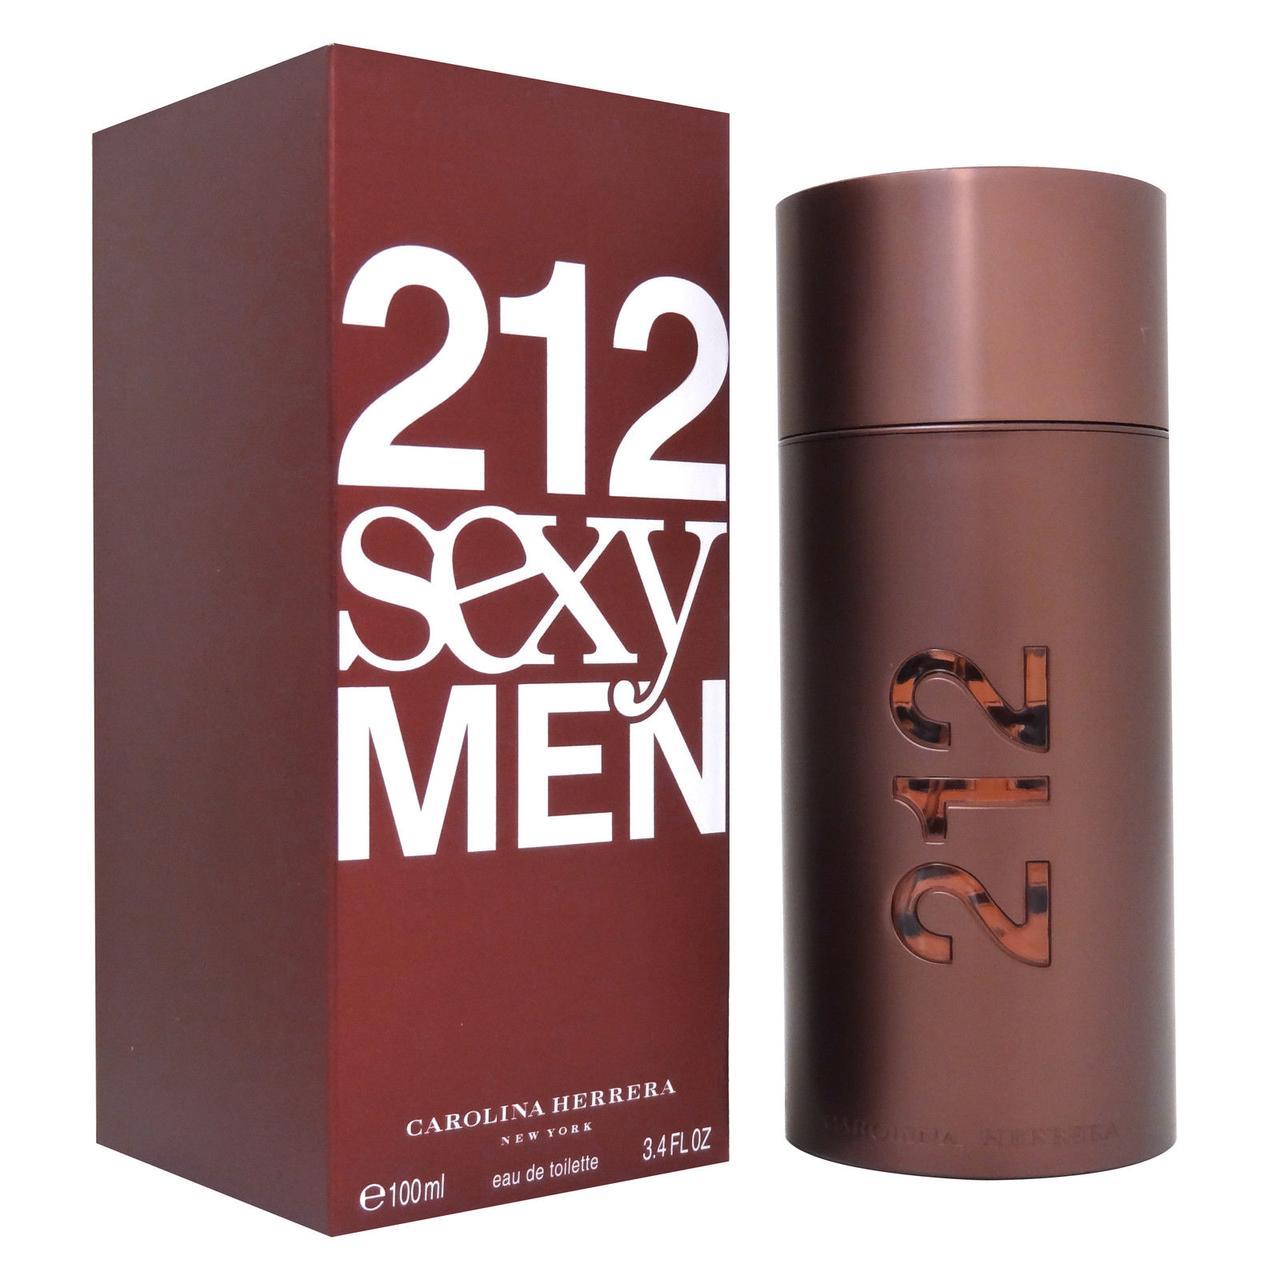 Мужская туалетная вода Carolina Herrera 212 Sexy Men (Каролина Хирерра 212 Секси Мэн) 100 мл|Турция Люкс